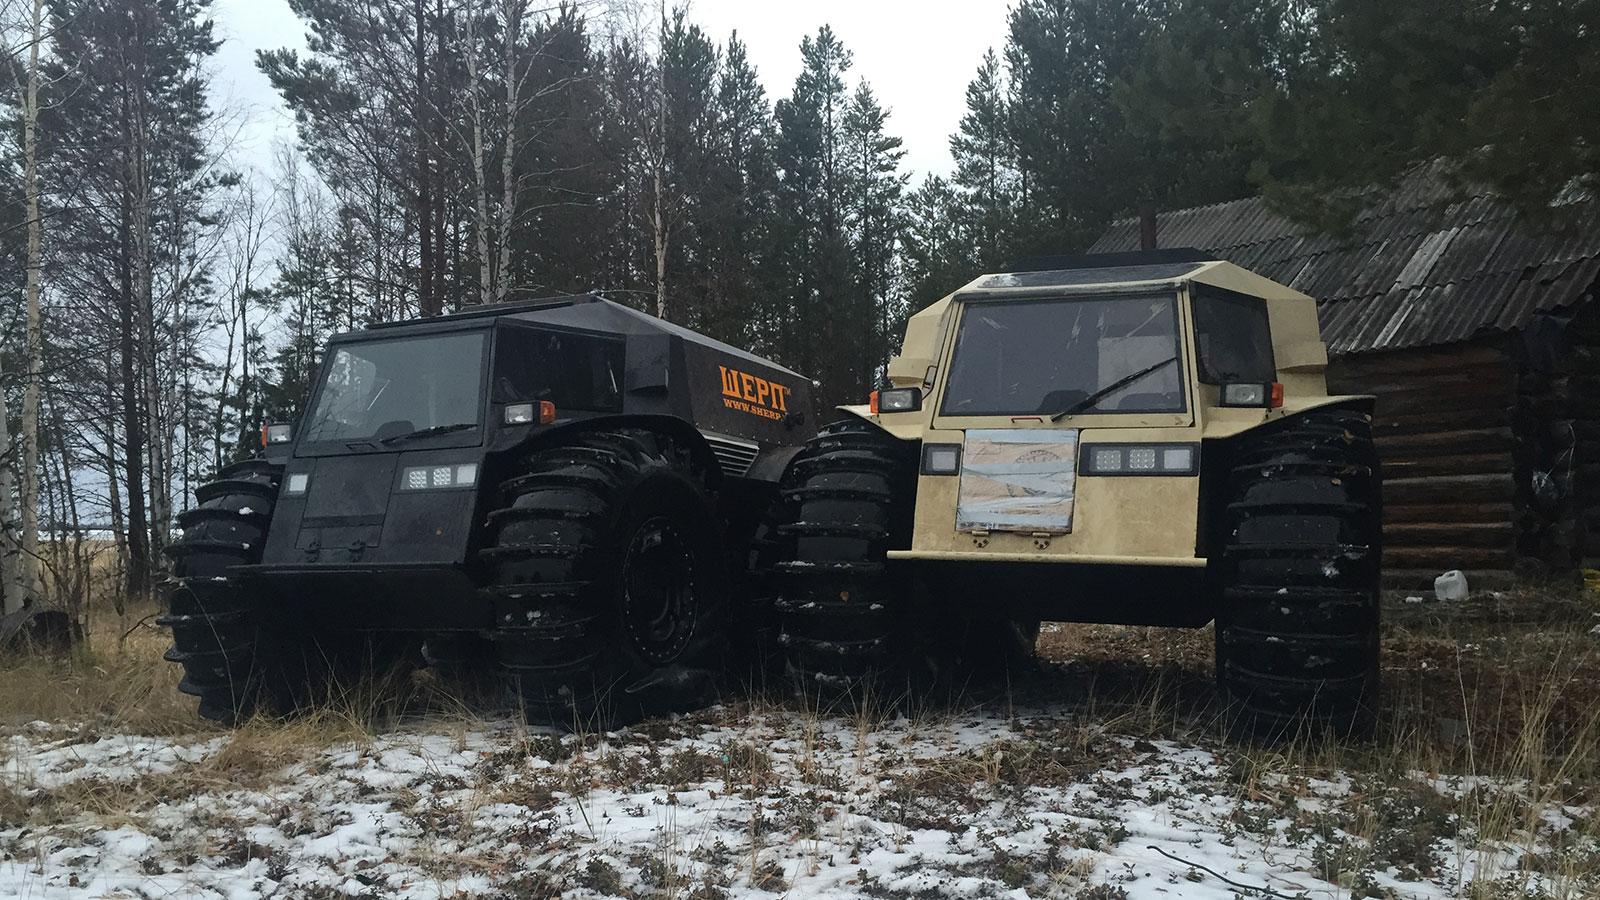 SHERP ATV 1